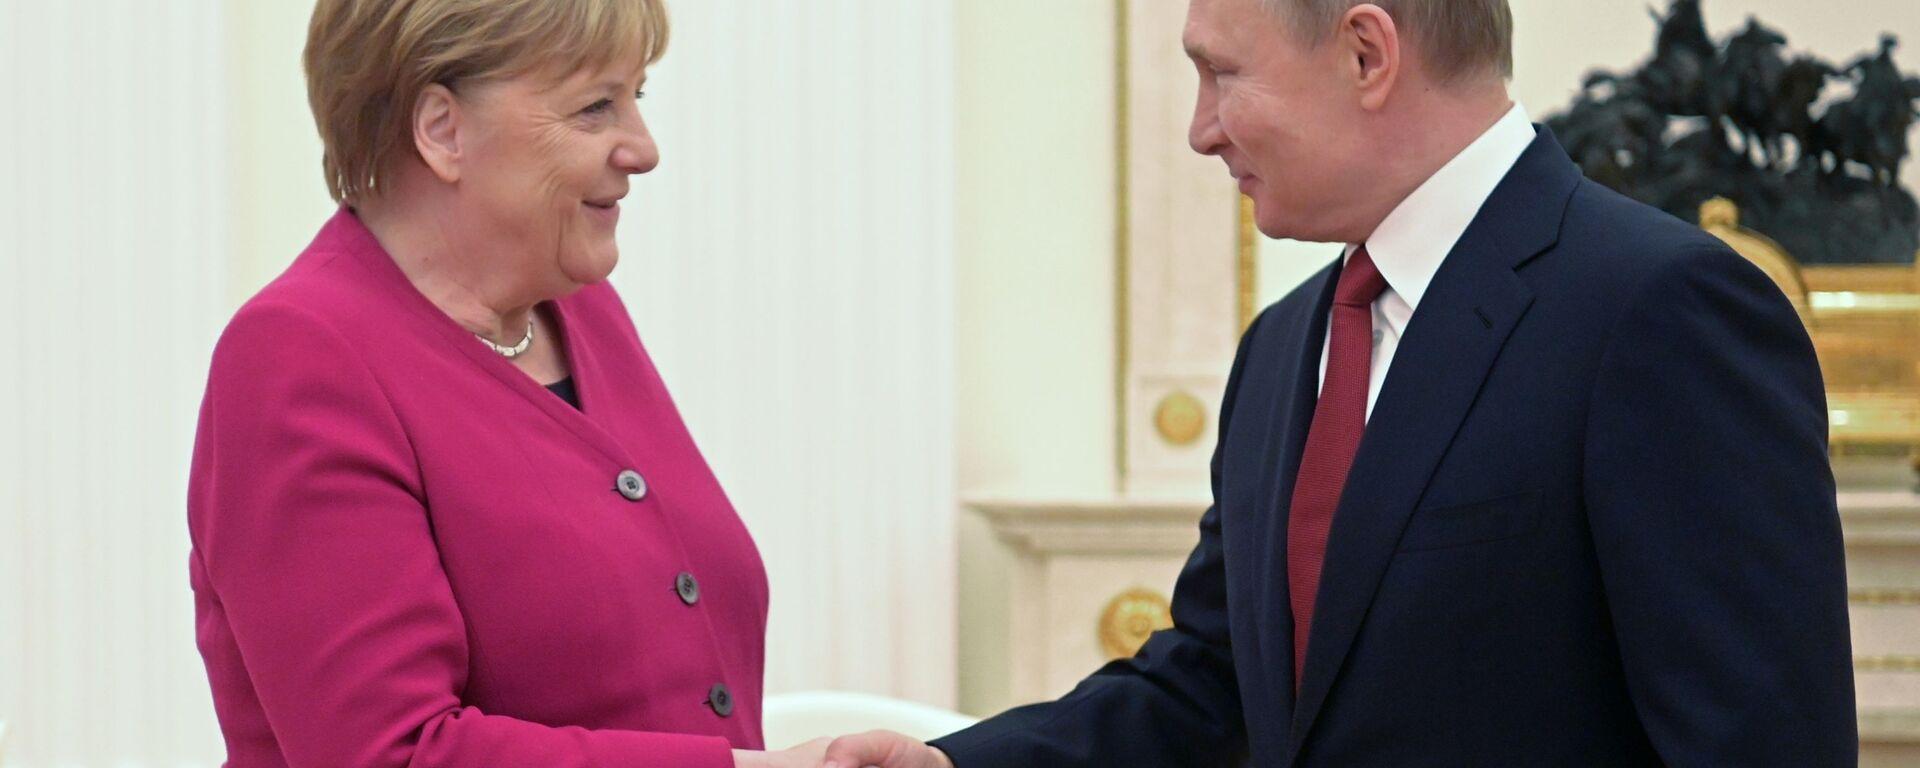 Сусрет немачке канцеларке Ангеле Меркел и председника Русије Владимира Путина у Москви - Sputnik Србија, 1920, 22.07.2021